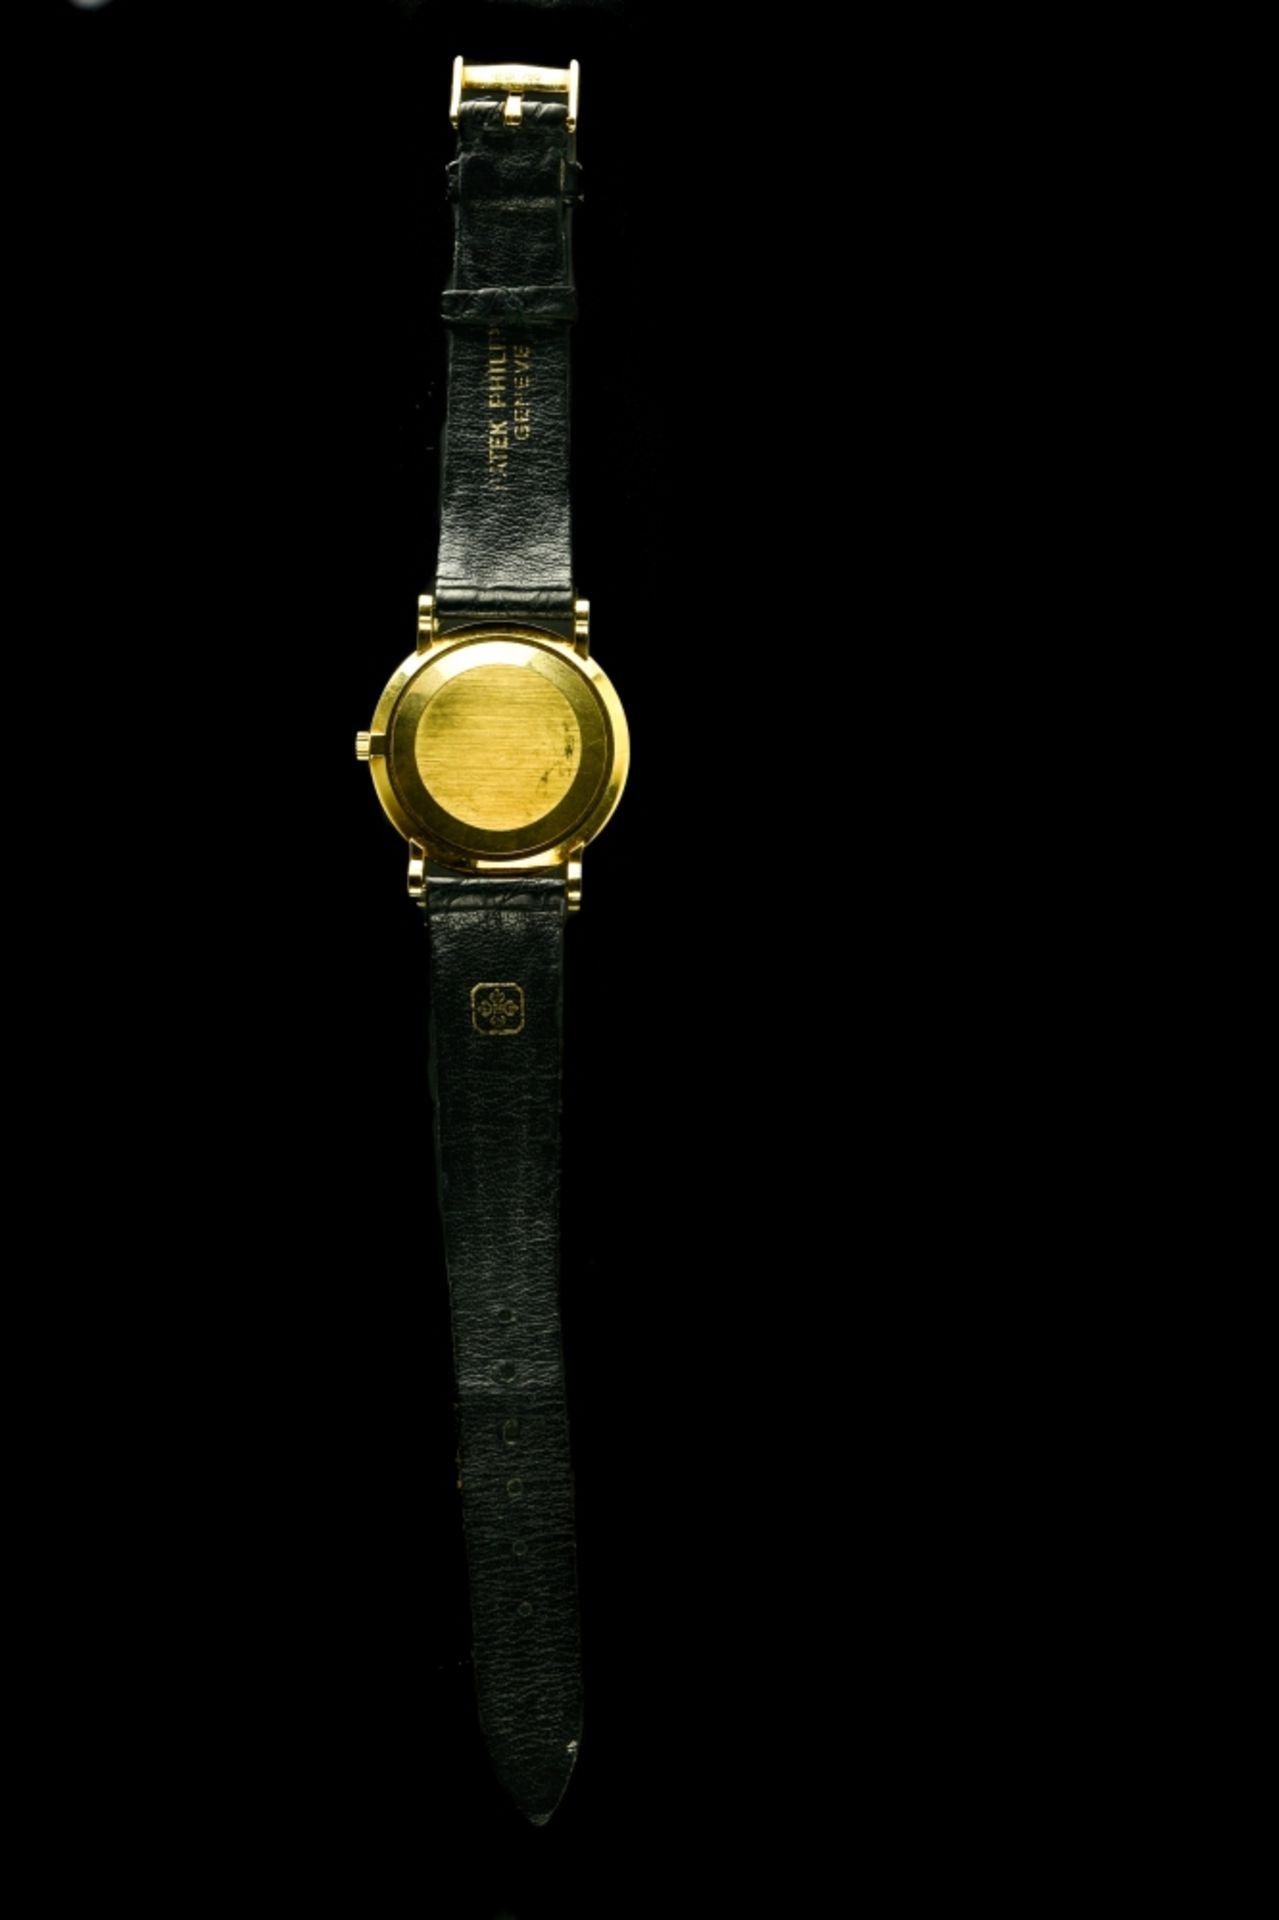 """Patek Philippe Calatrava """"Clous de Paris"""" men's watch, - Image 4 of 4"""